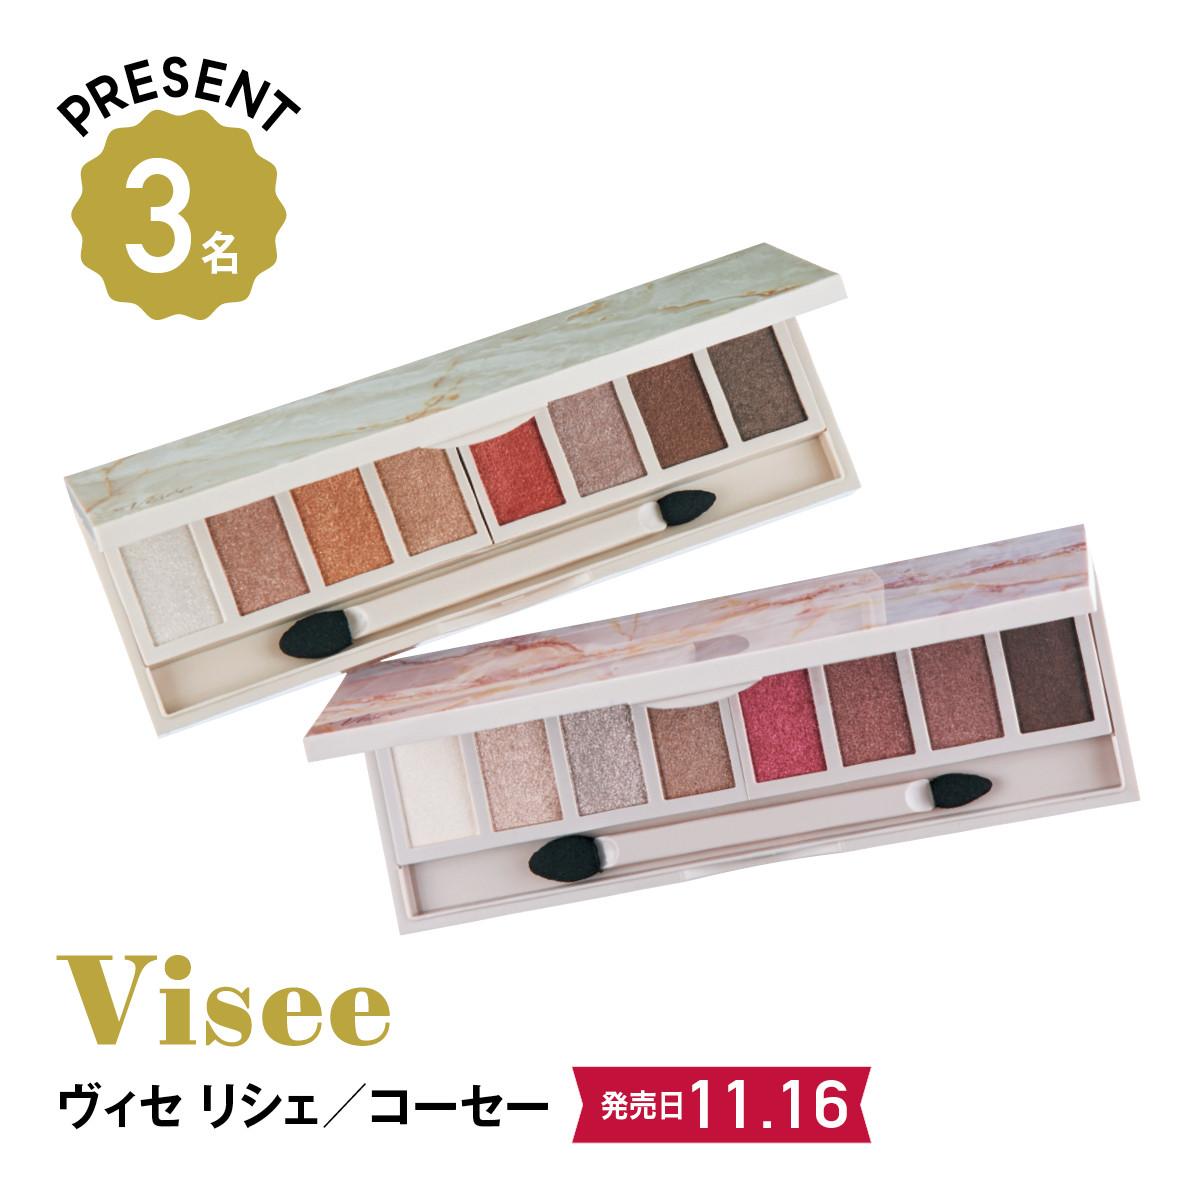 2019クリスマスコフレ&限定品:Visse/ヴィセ・リシェ